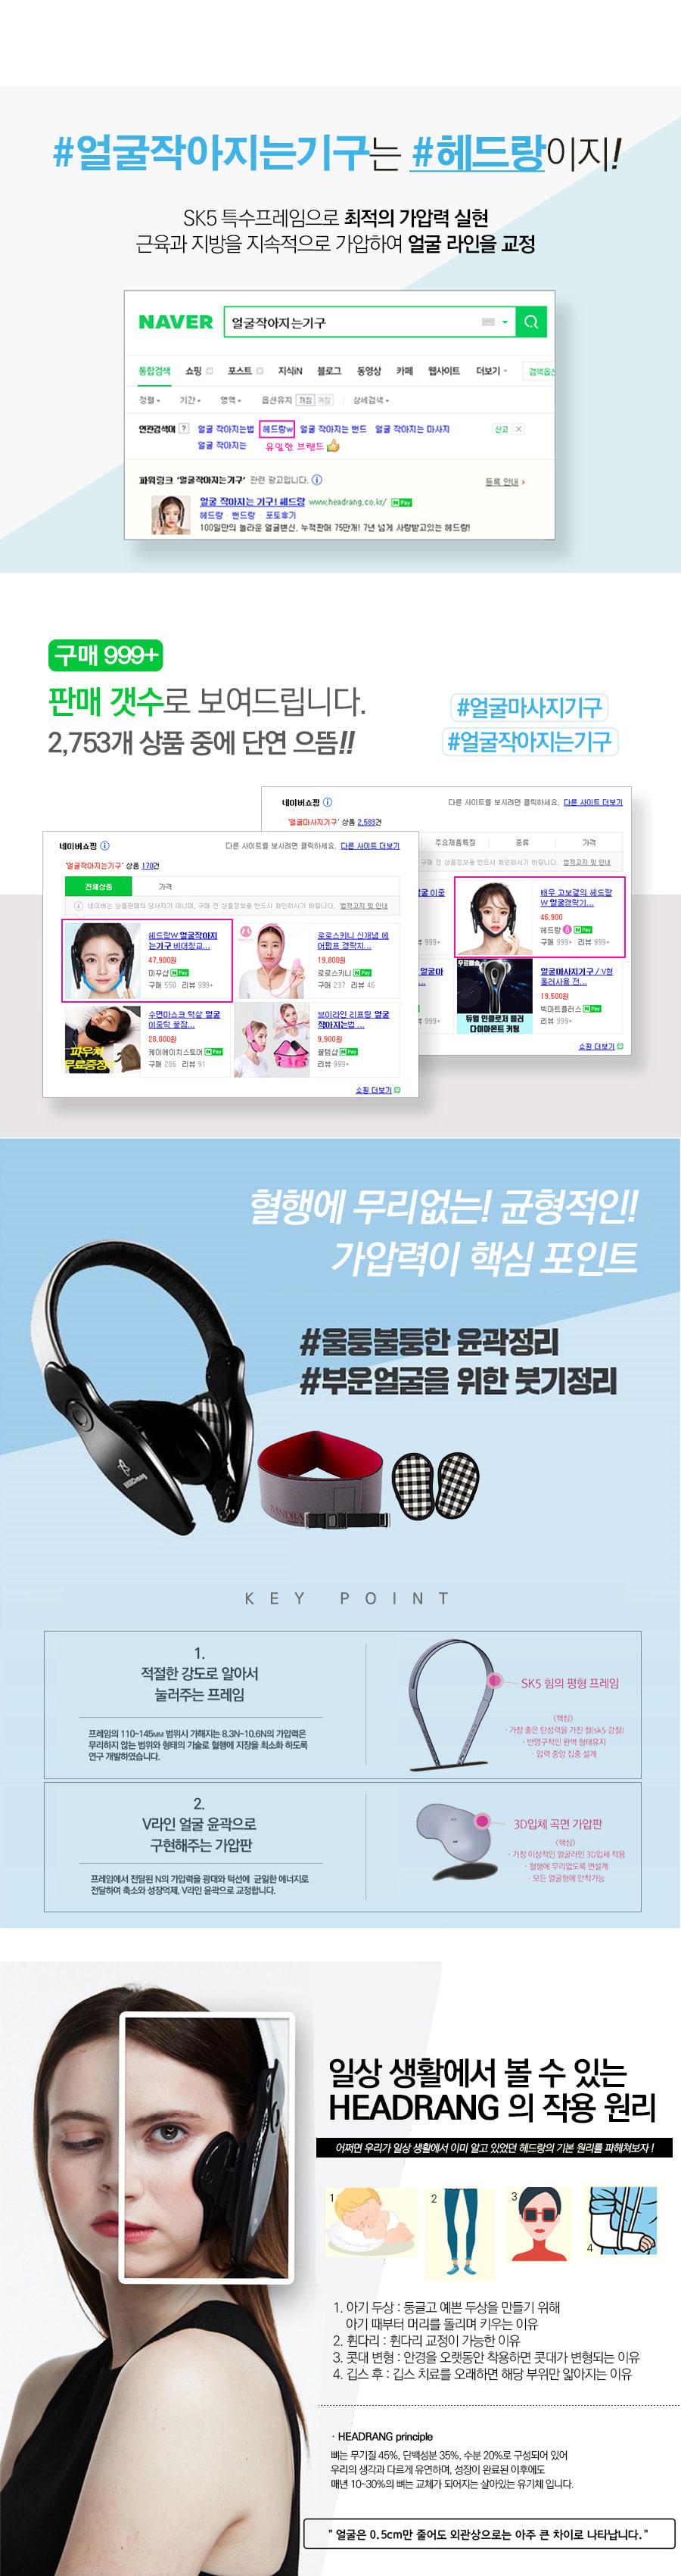 배우 고보결의 얼굴경락기구 헤드랑W - 헤드랑, 63,000원, 운동기구/소품, 운동소품